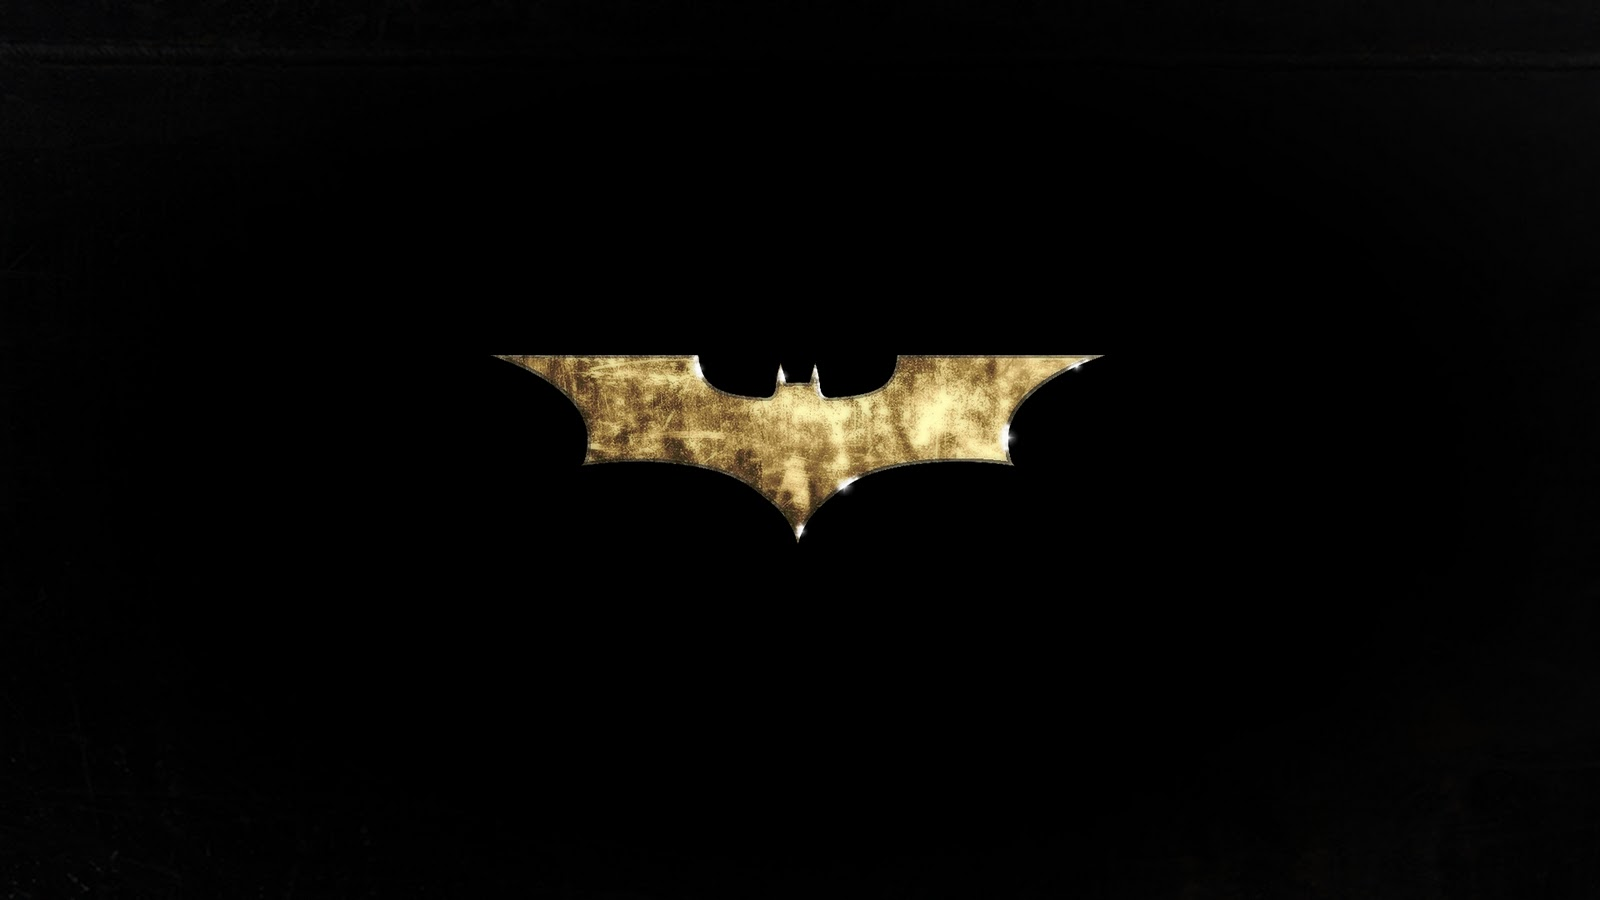 Awesome batman wallpaper 39608 1600x900 px hdwallsource awesome batman wallpaper 39608 voltagebd Image collections